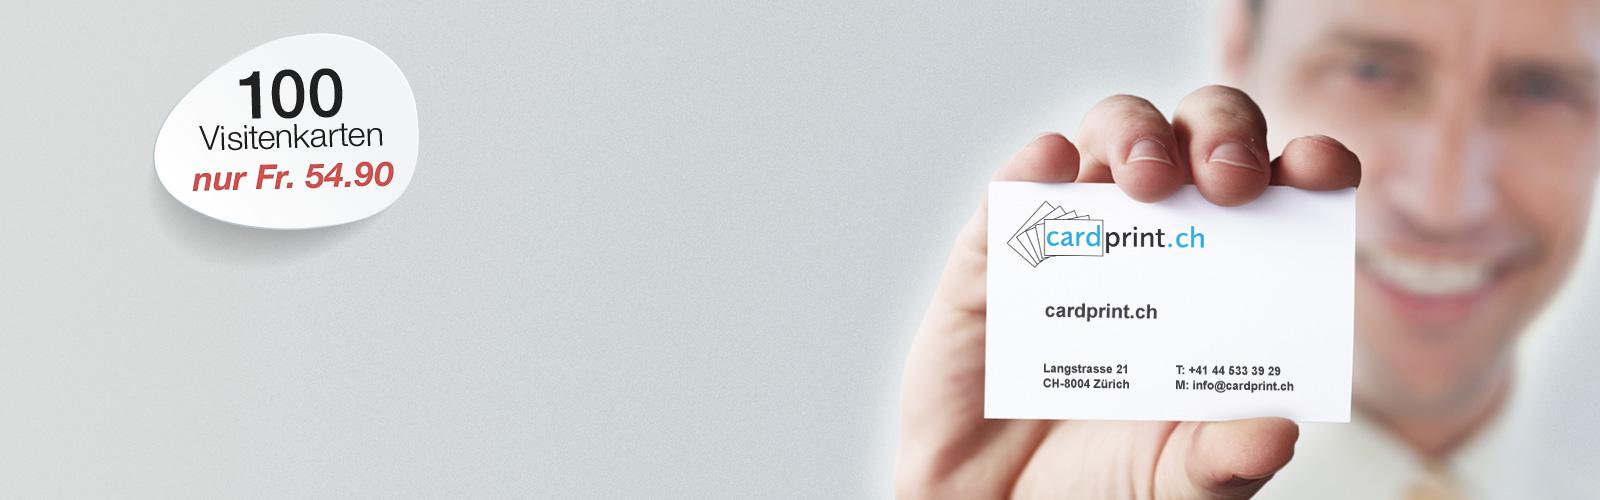 Cardprint Ch Wir Drucken Ihre Visitenkarten Innerhalb Von 24 H